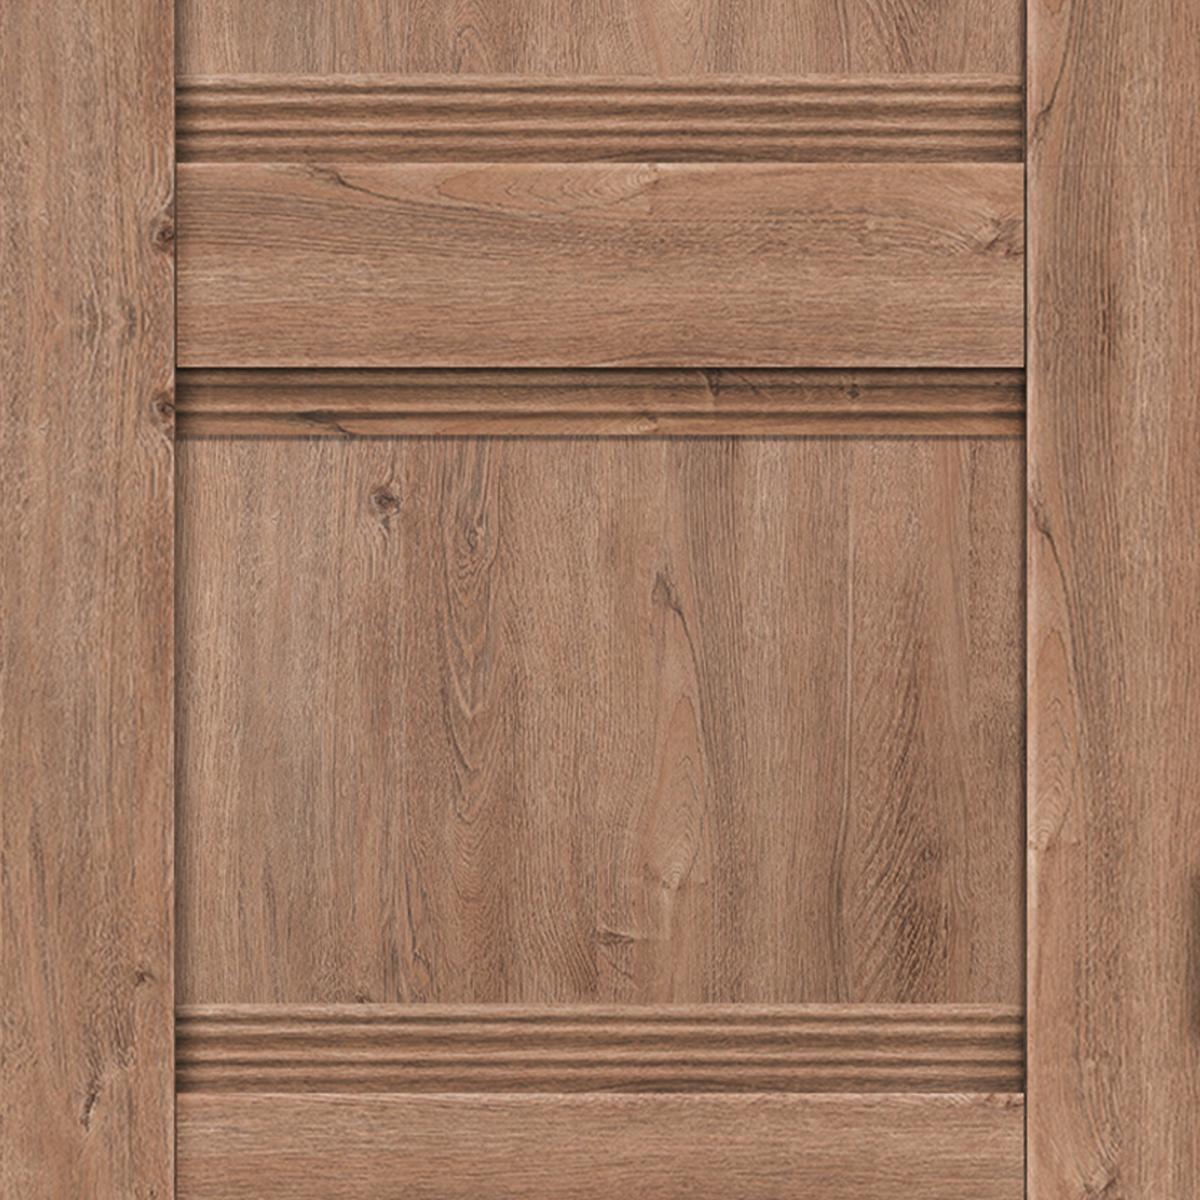 Дверь Межкомнатная Глухая С Замком И Петлями В Комплекте «Тоскана» 80x200 Цвет Дуб Бельмонт